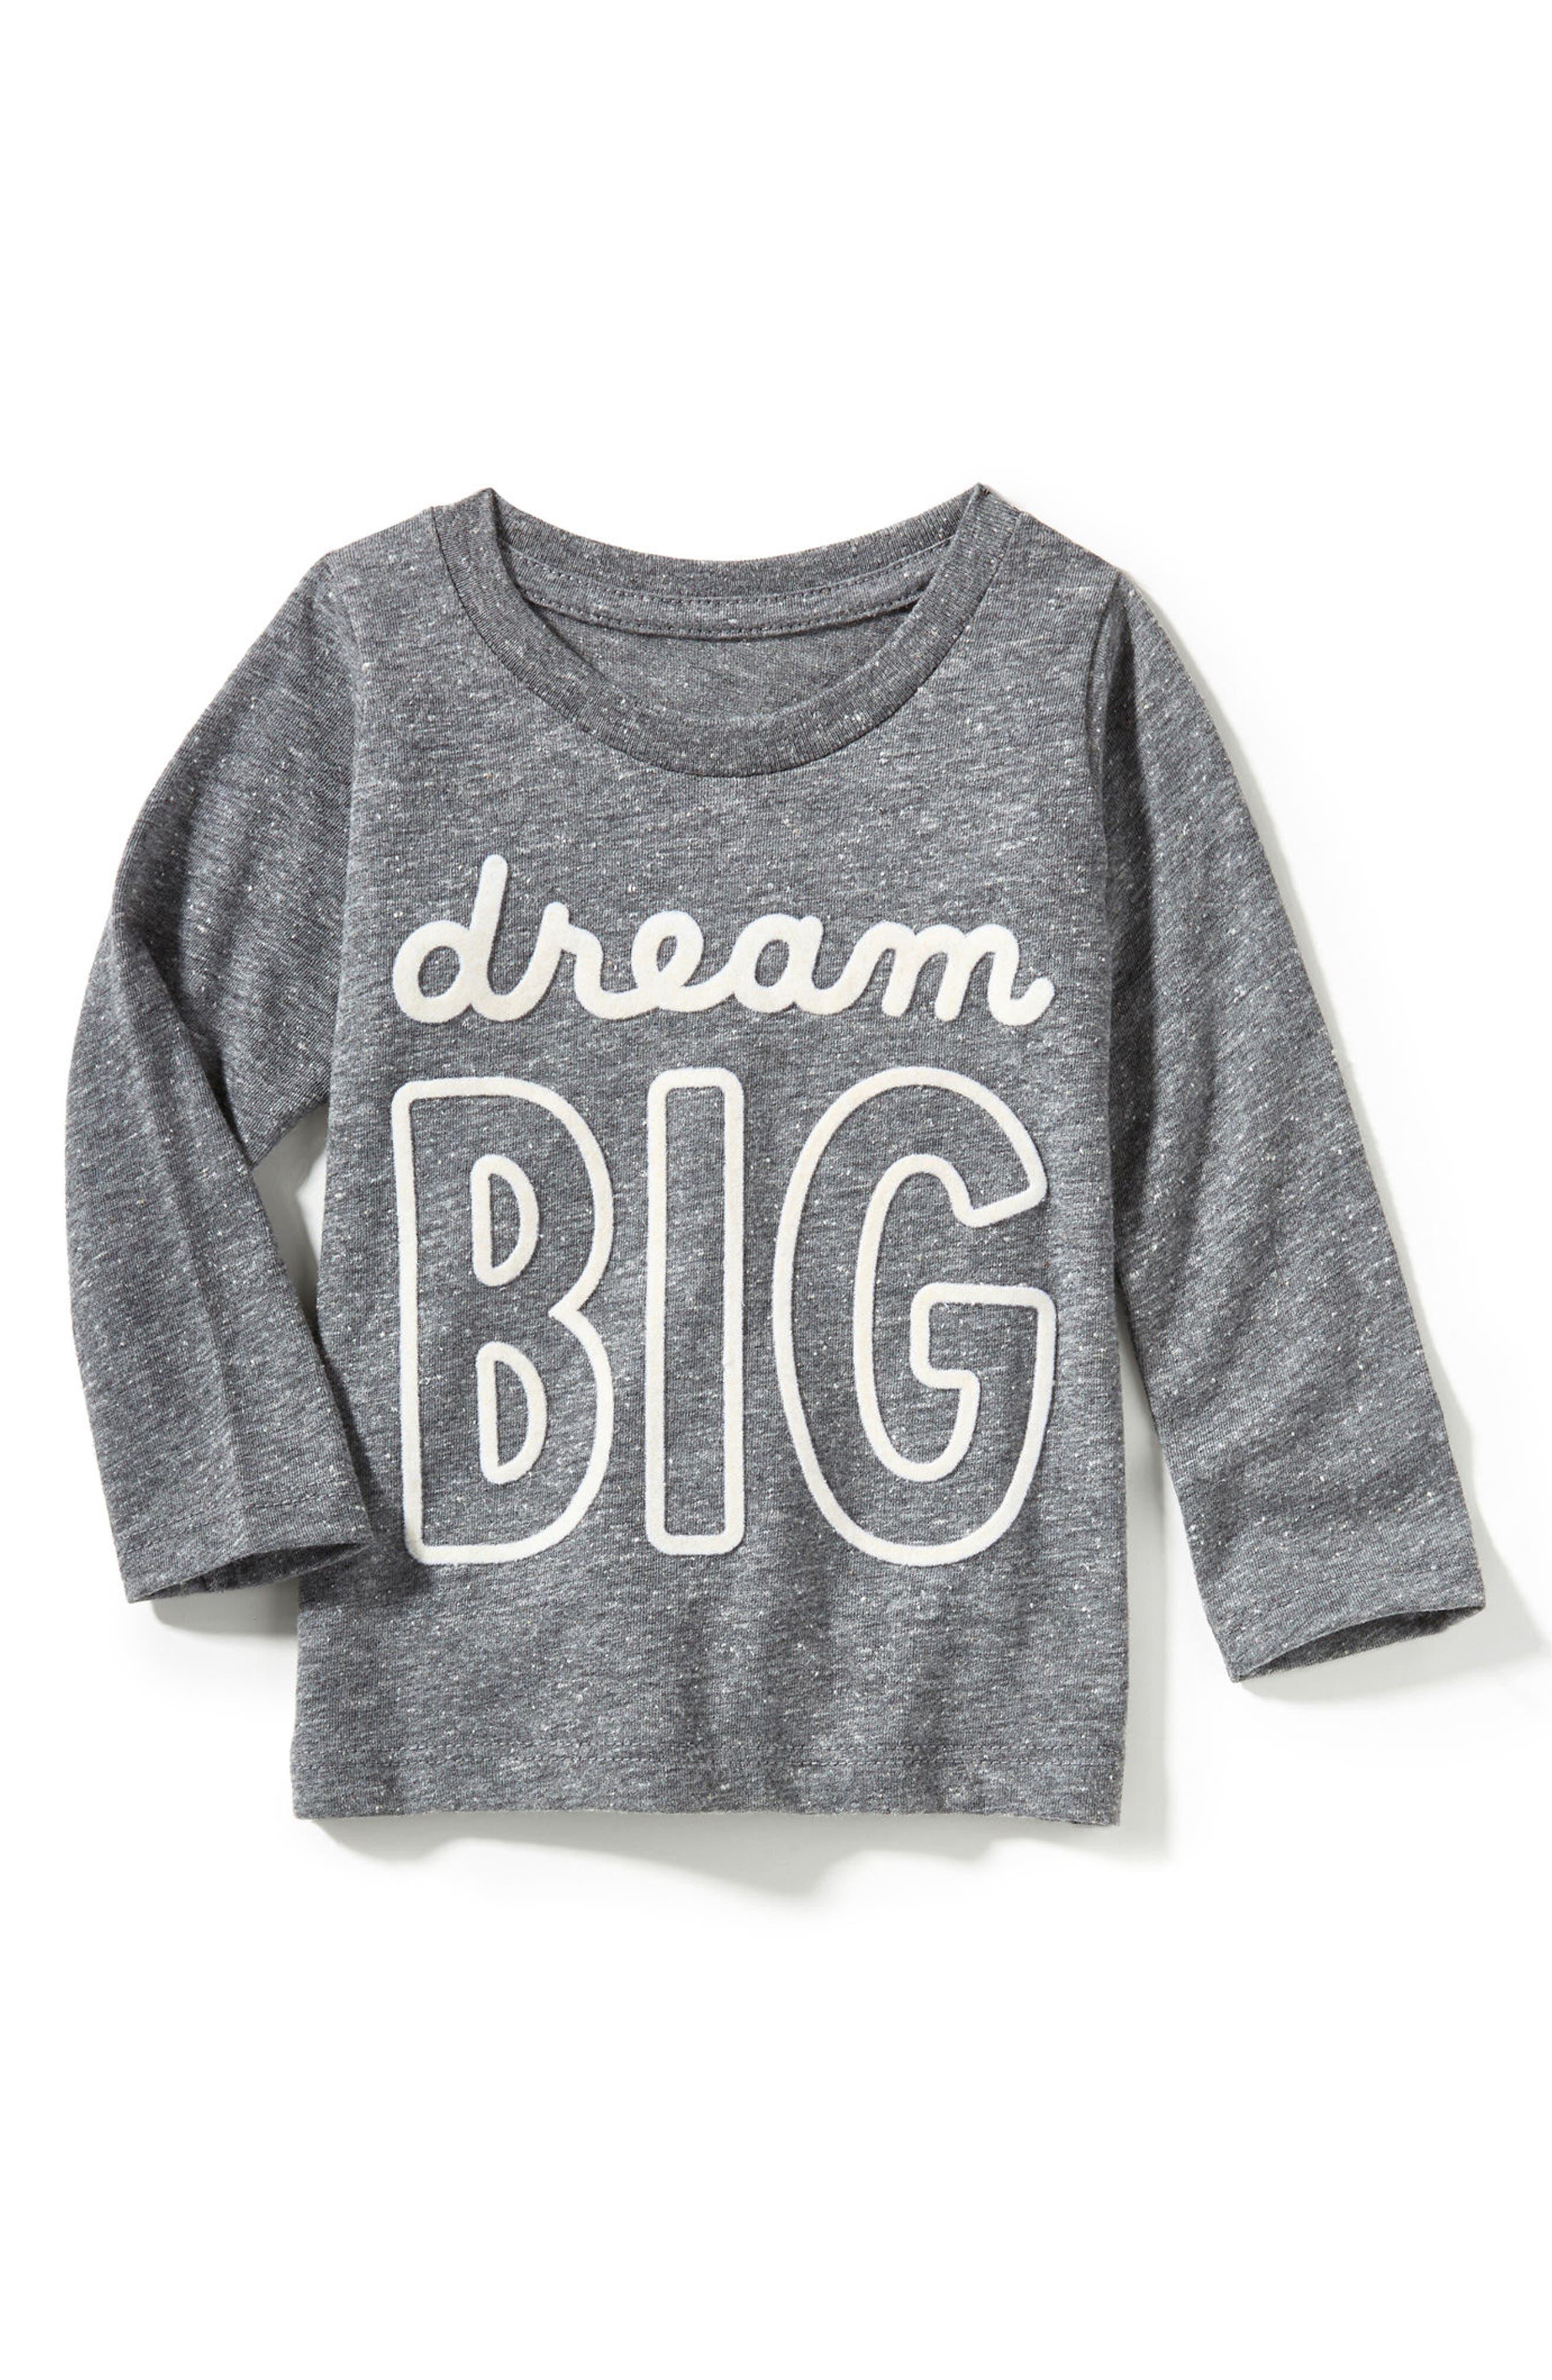 Alternate Image 1 Selected - Peek Dream Big Graphic T-Shirt (Baby)